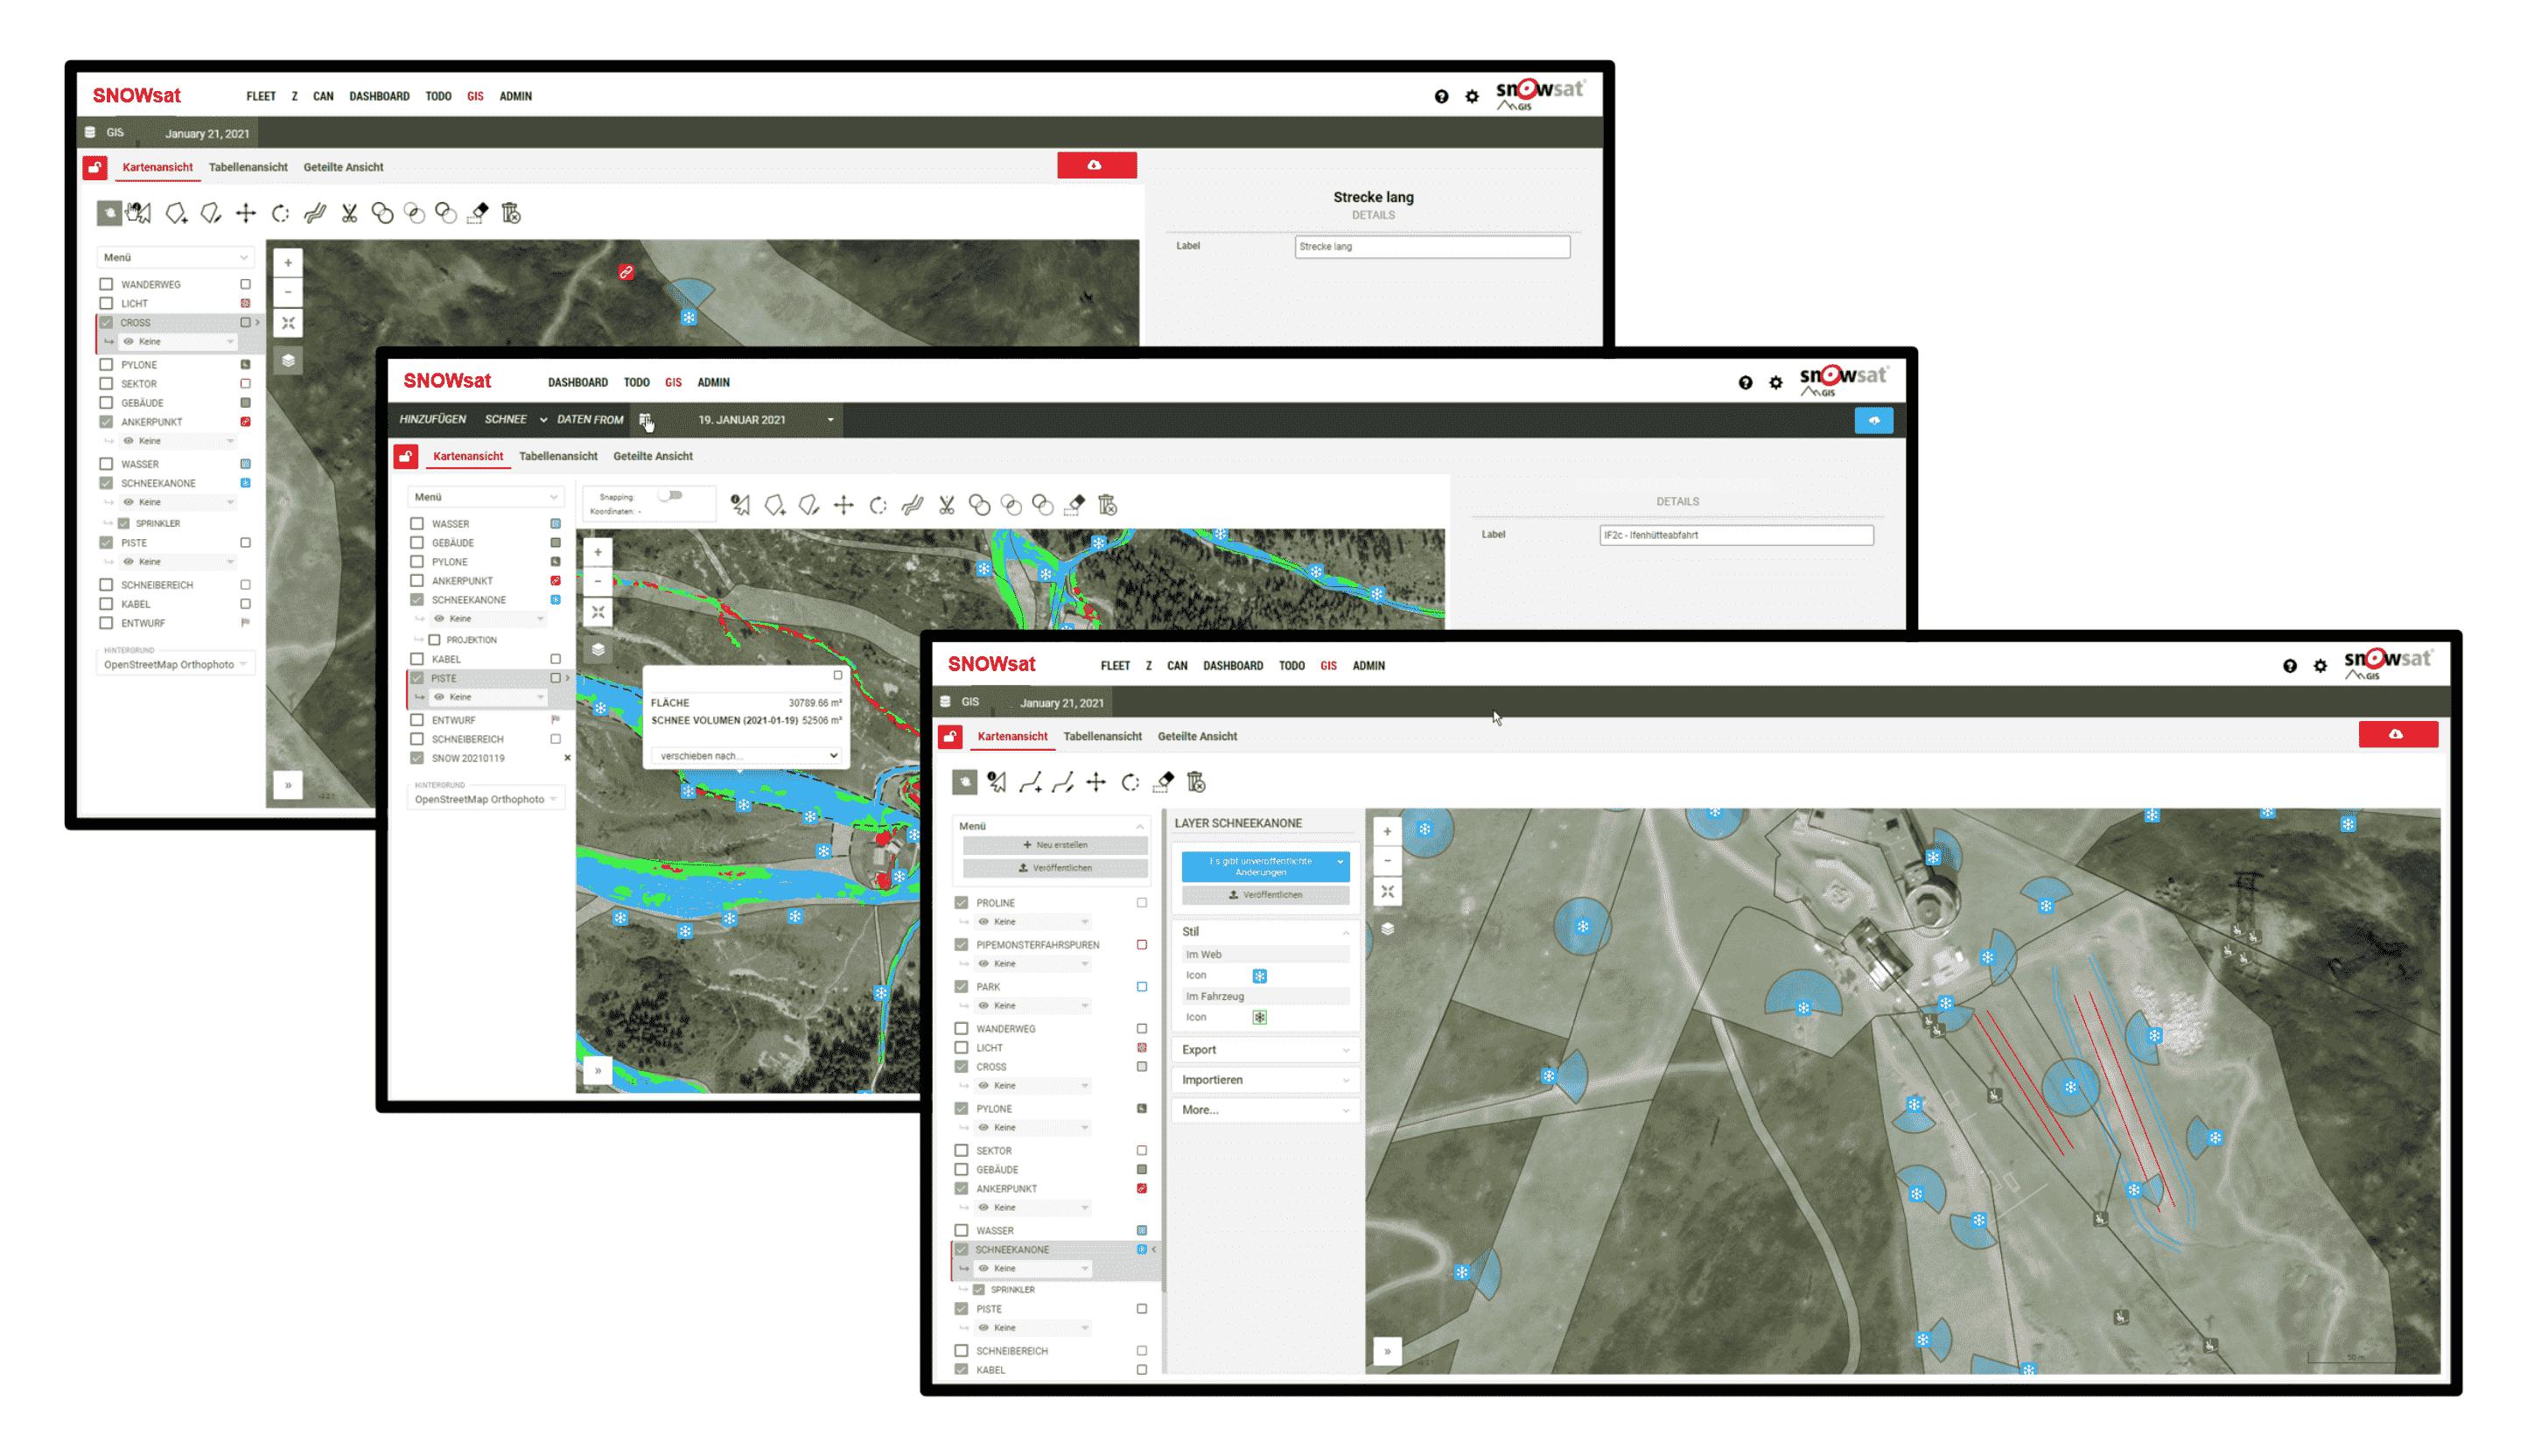 SNOWsat Area Management